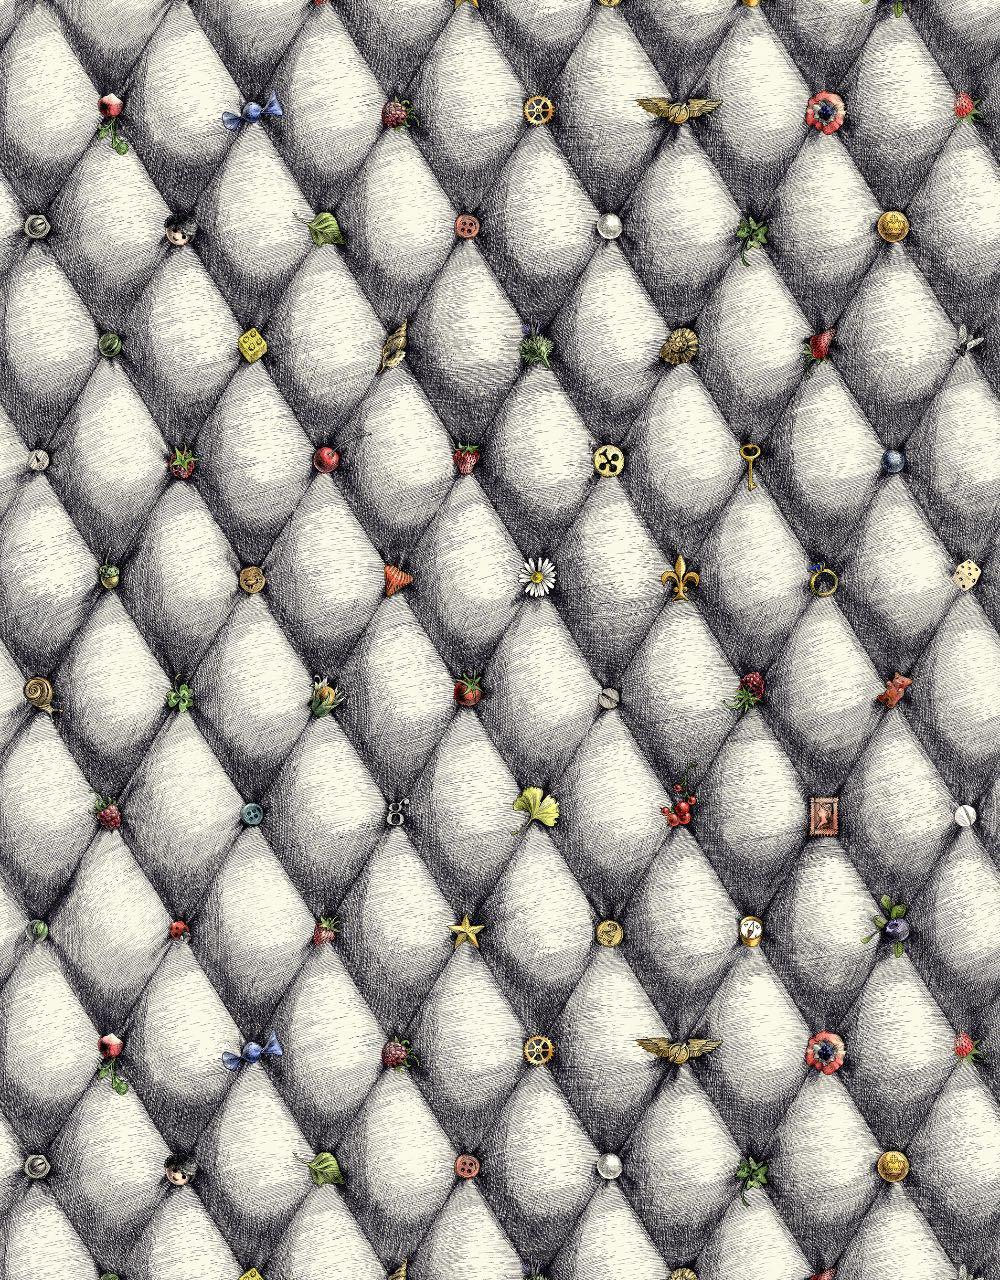 フランス壁紙 フリース(不織布) - 防炎加工 by キャサリン・グラン 《ヴァイド・ポッシュ》 ブラック & ホワイト